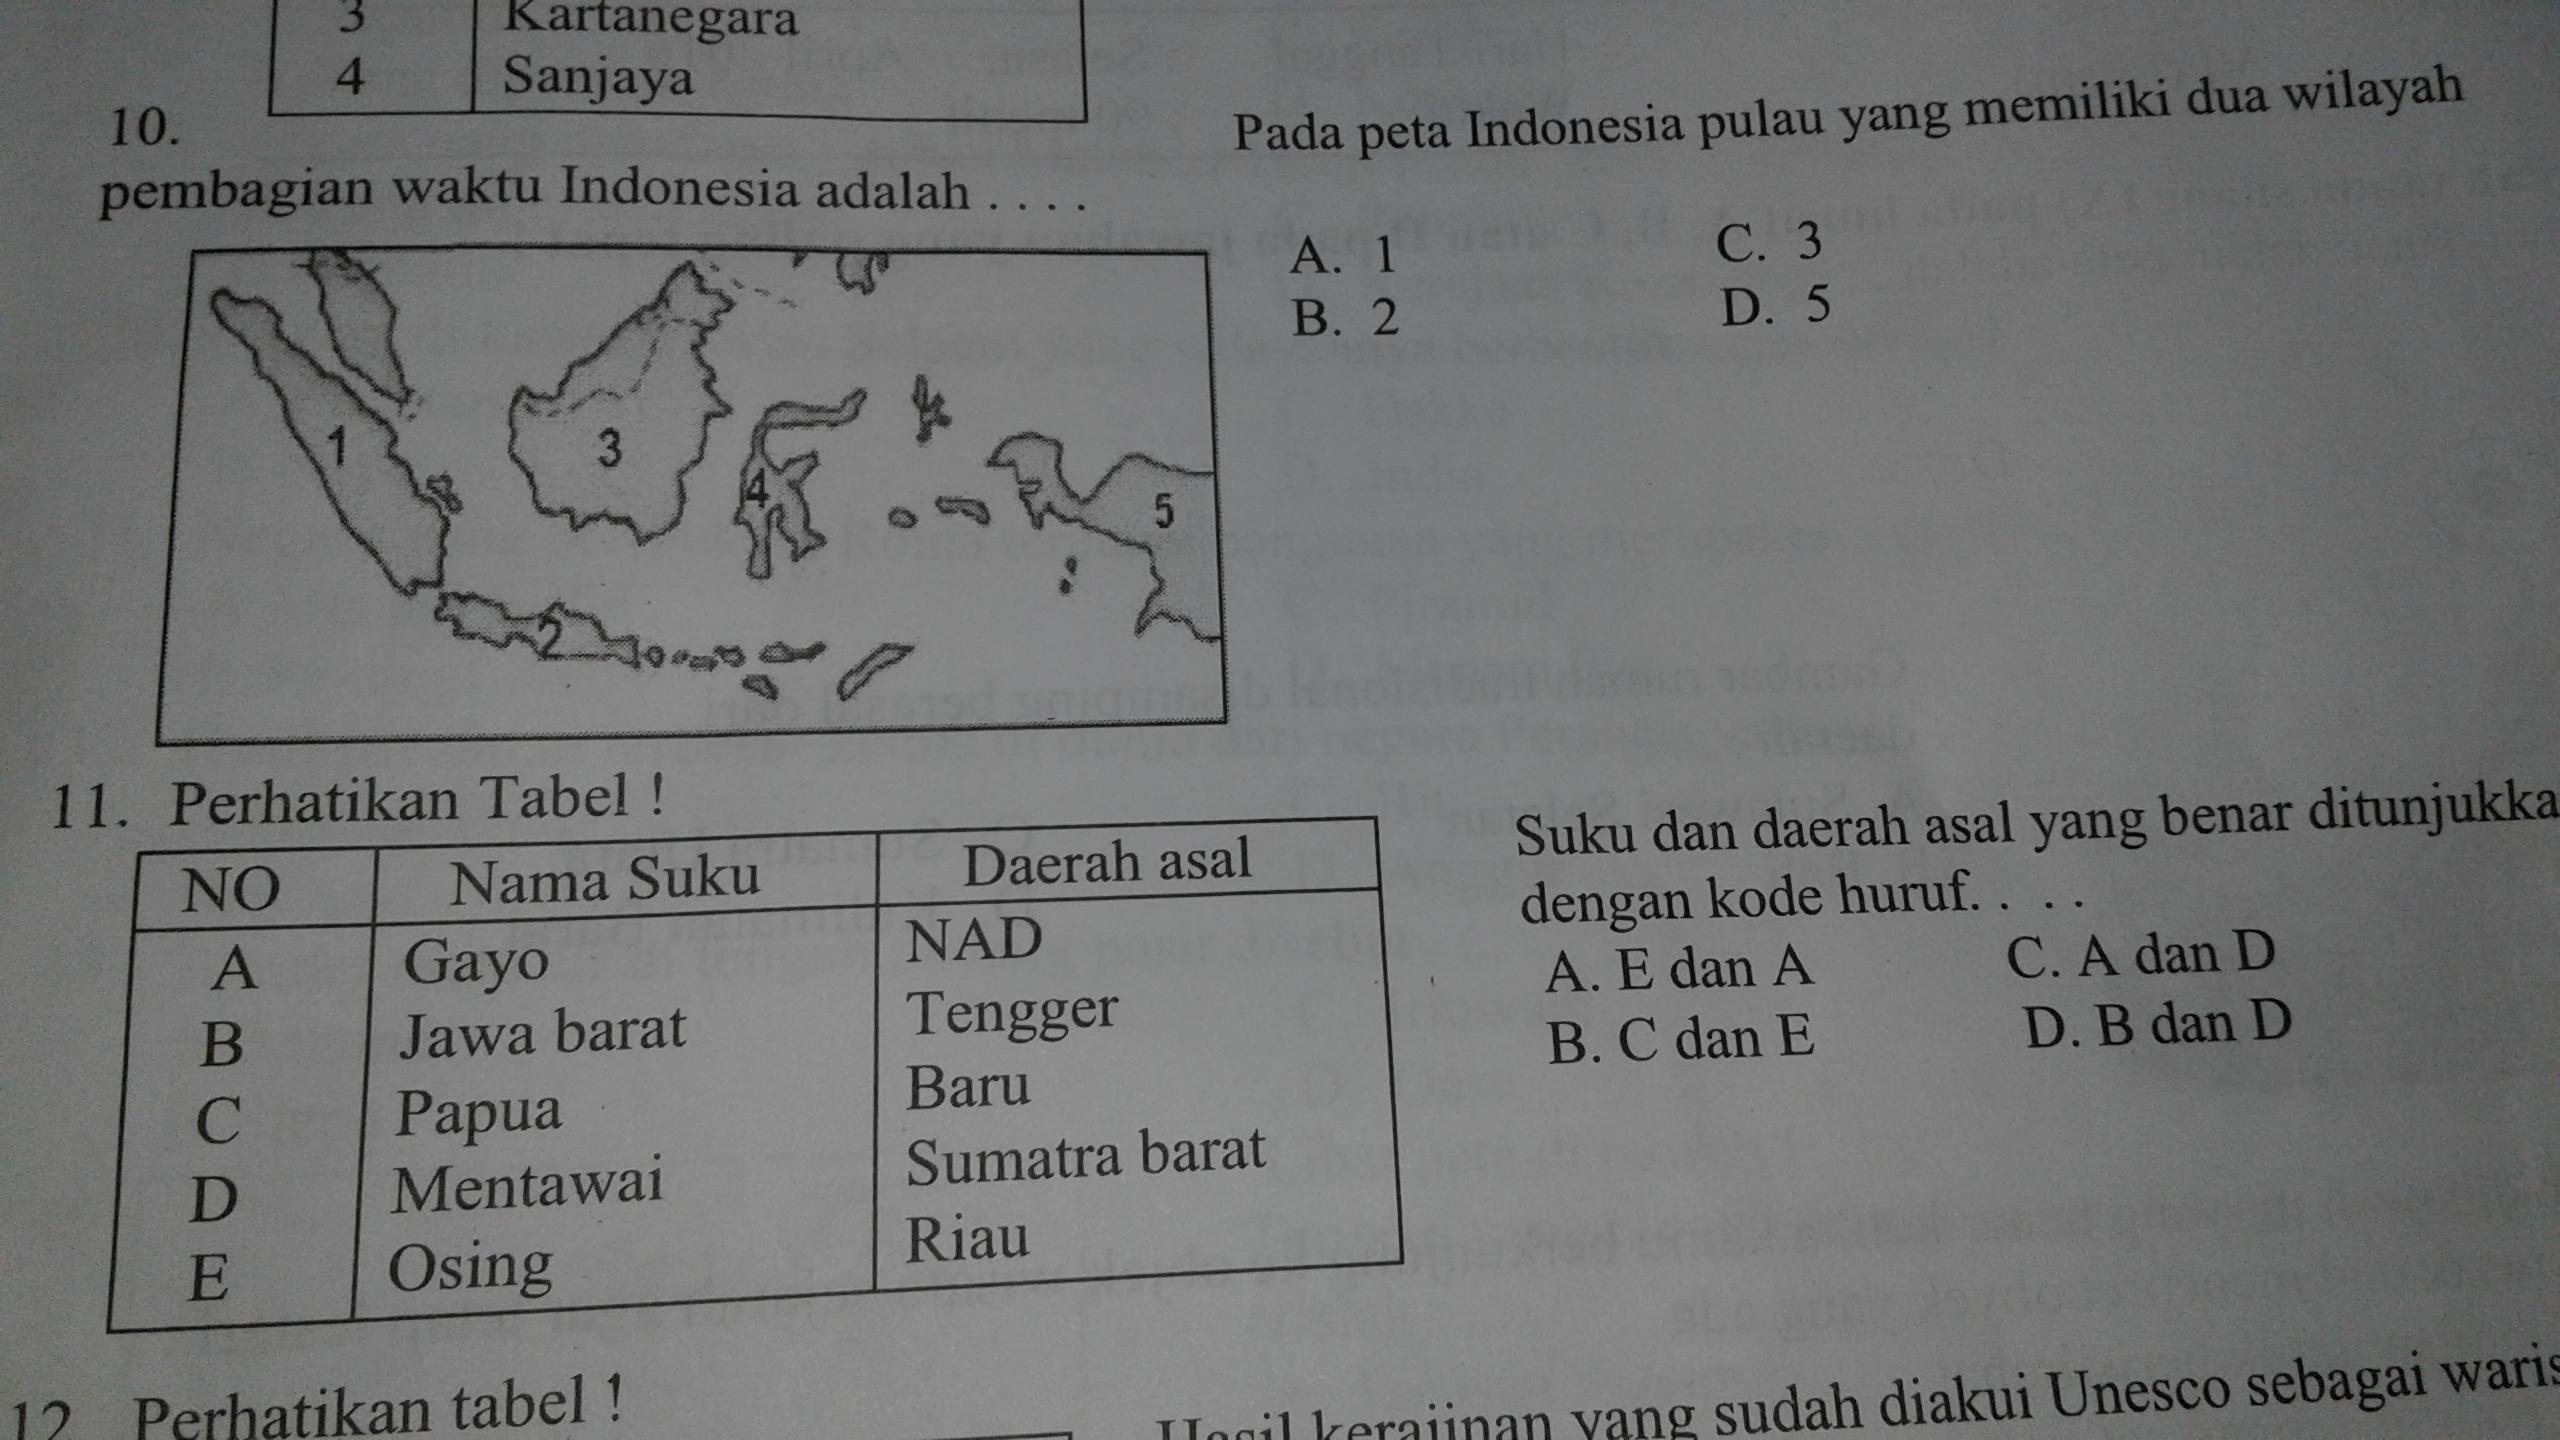 Pada Peta Indonesia Pulau Yang Memiliki Dua Wilayah Pembagian Waktu Indonesia Adalah Brainly Co Id